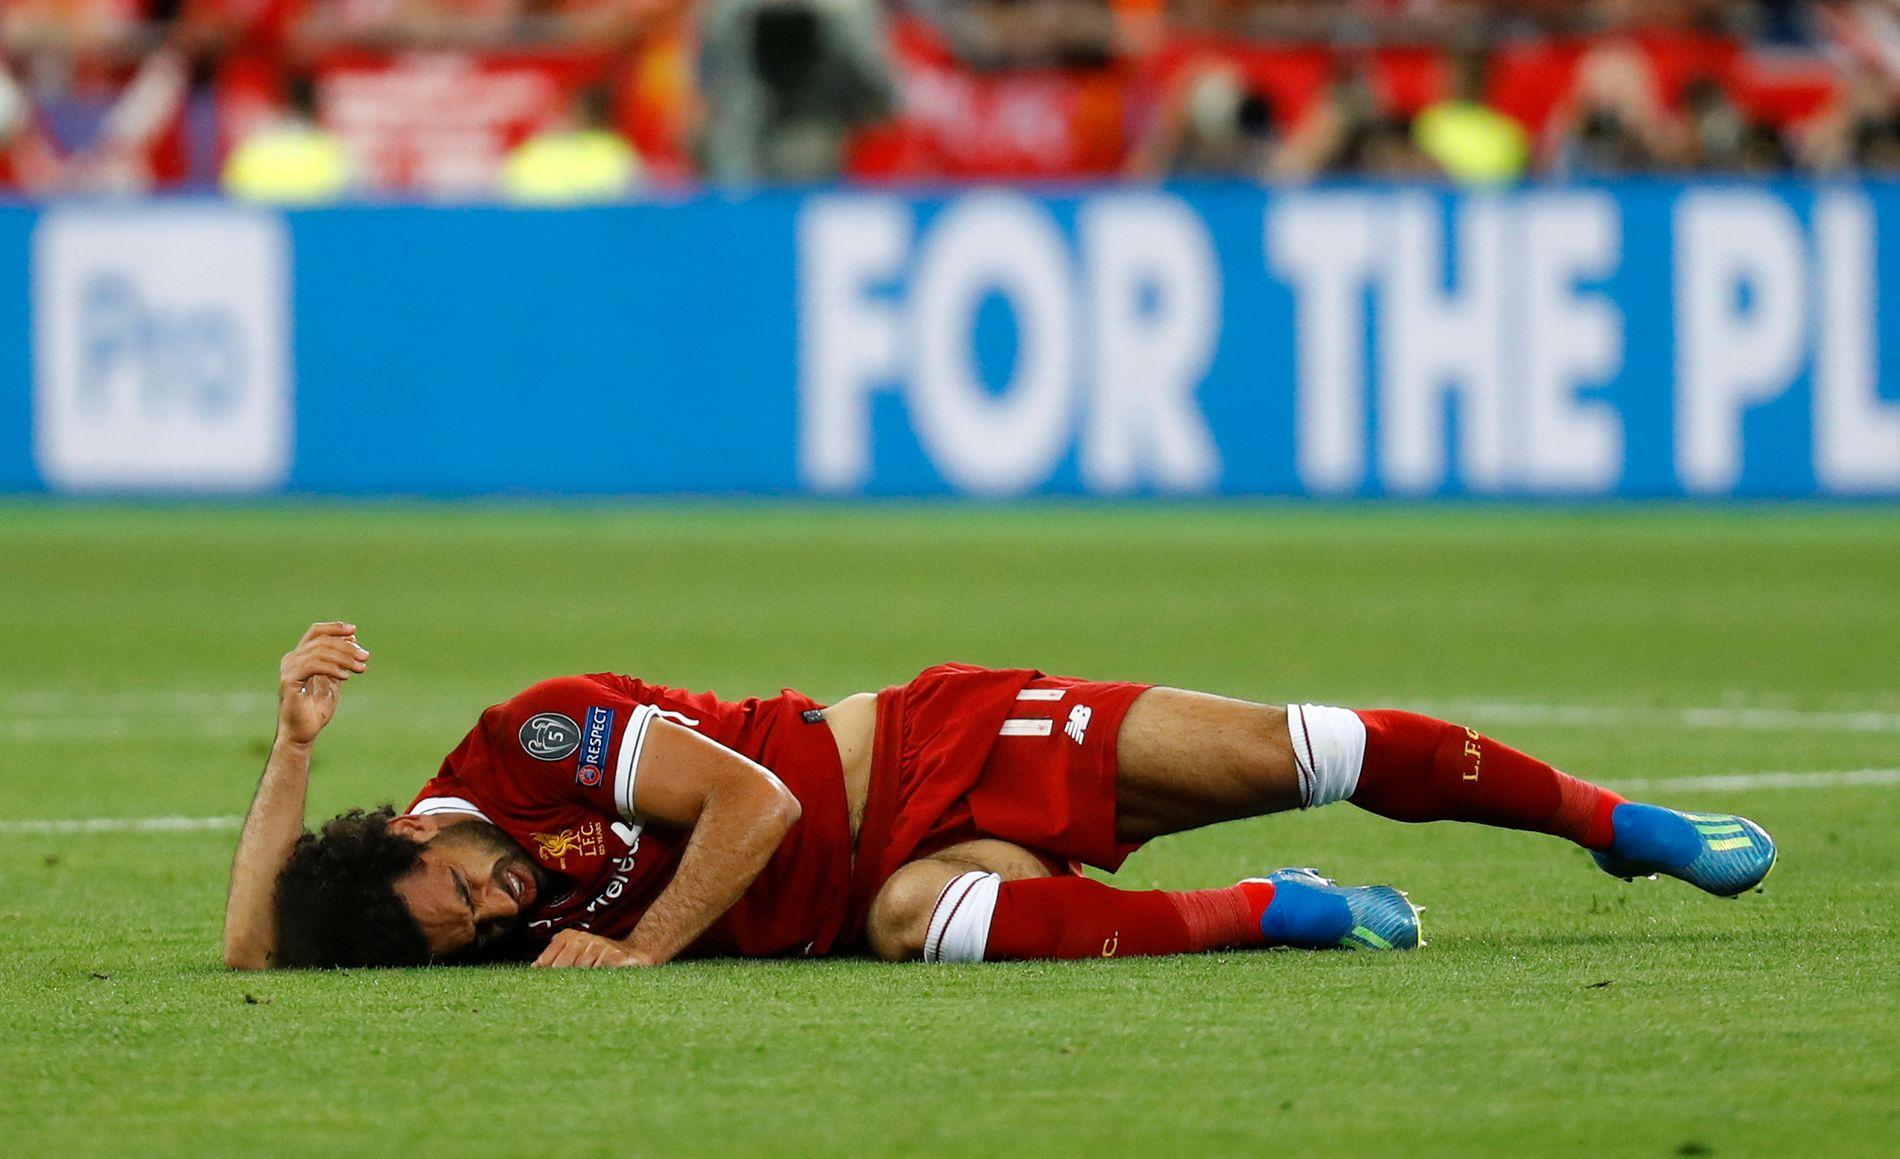 SJOKKET: – Vi som er egyptere fra alle religioner, ber for at Mohamed Salah raskt skal komme seg etter skaden og blir klar til VM, skriver kronikkforfatteren.